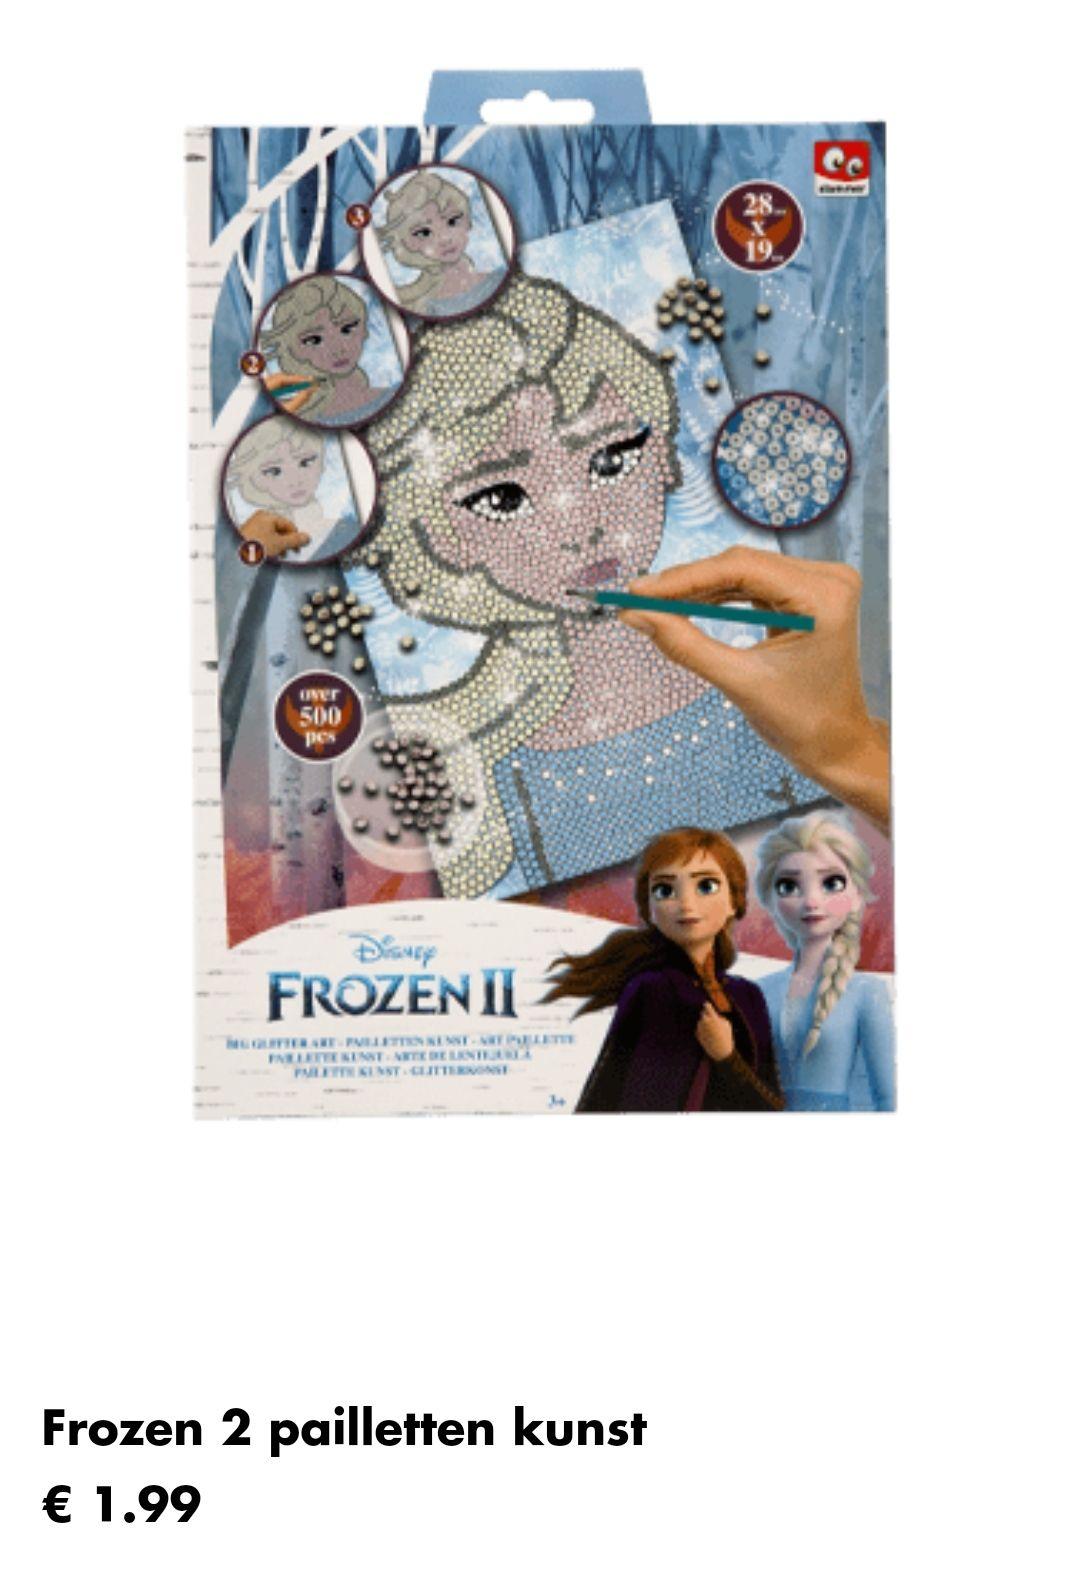 Wibra alle speelgoed & kleding oa Frozen 2 + 1 gratis (Sint/kerst)